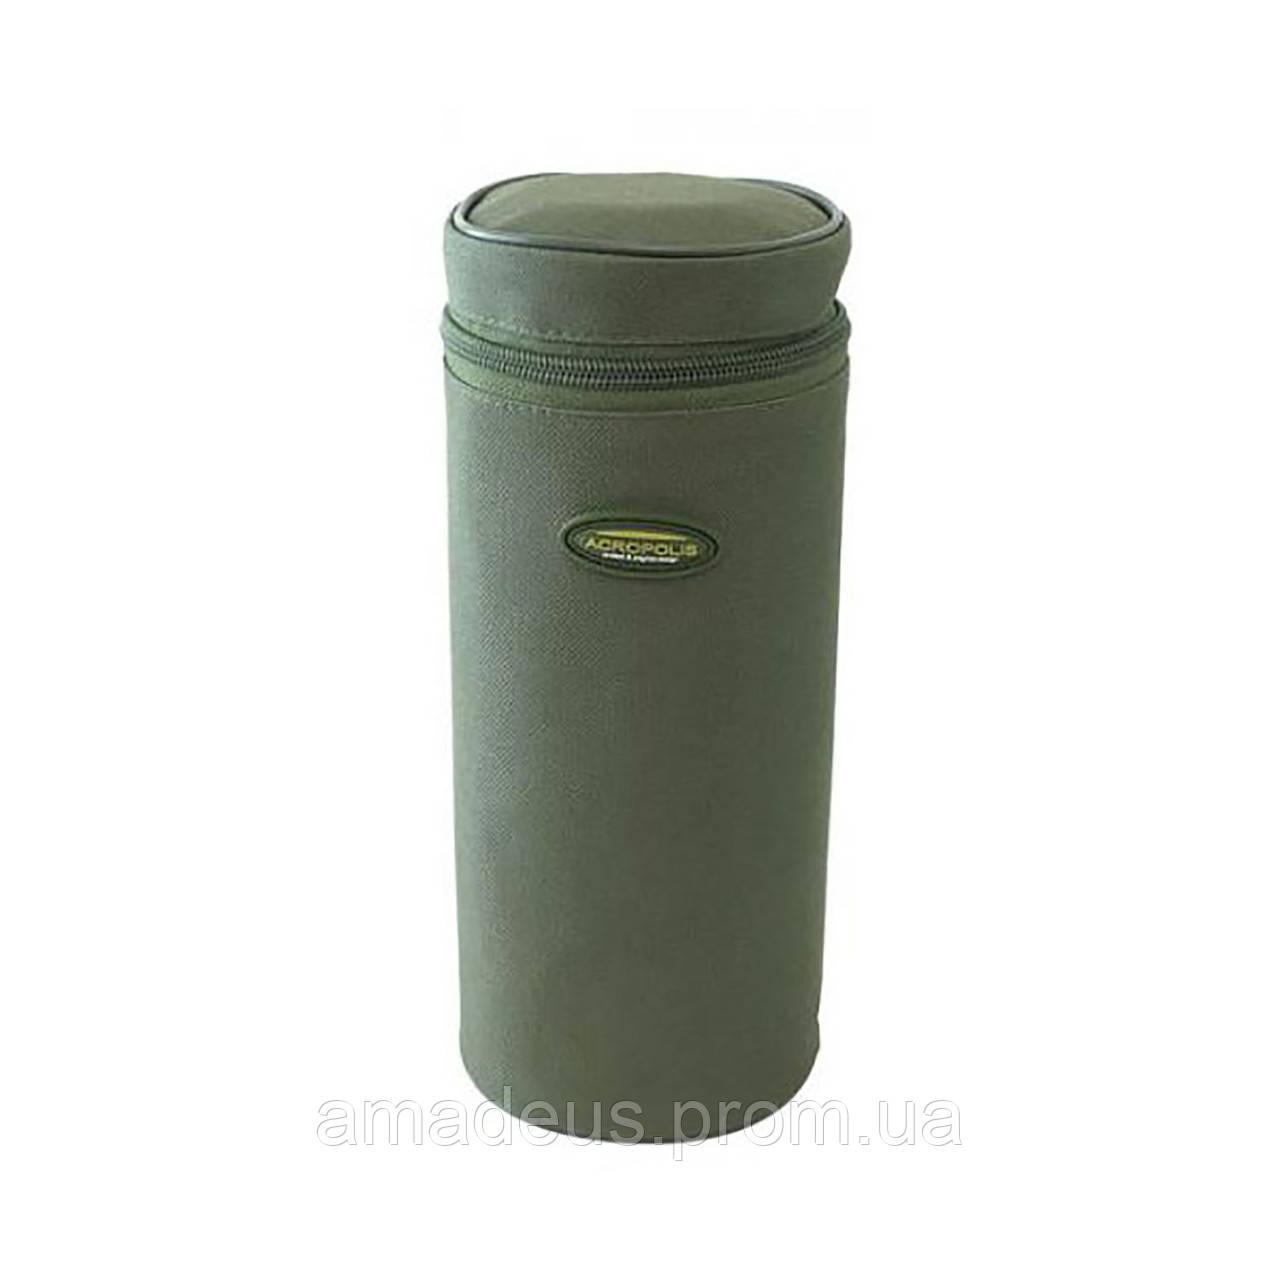 Чехол-тубус жесткий для хранения ракеты, бомбы для прикормки и парашютов ЧРП-1